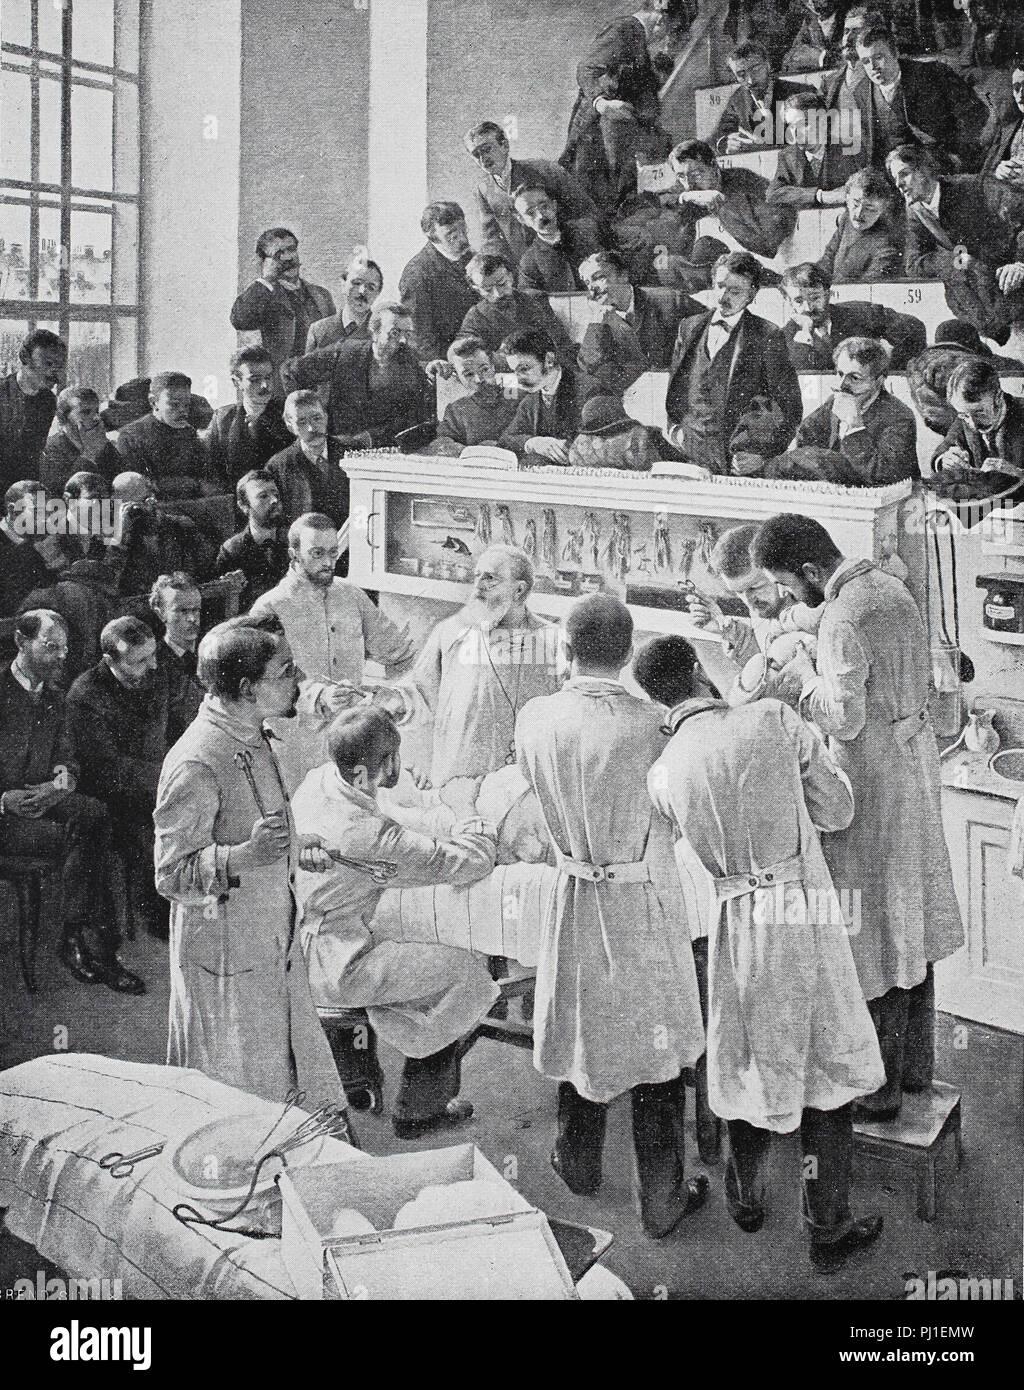 Sala conferenze per istruzioni all'ospedale di Vienna, 1890, chirurgo Christian Albert Theodor Billroth (26 Aprile 1829 - 6 febbraio 1894) insegnamento agli studenti, digitale Riproduzione migliorata di un woodprint dall'anno 1890 Immagini Stock